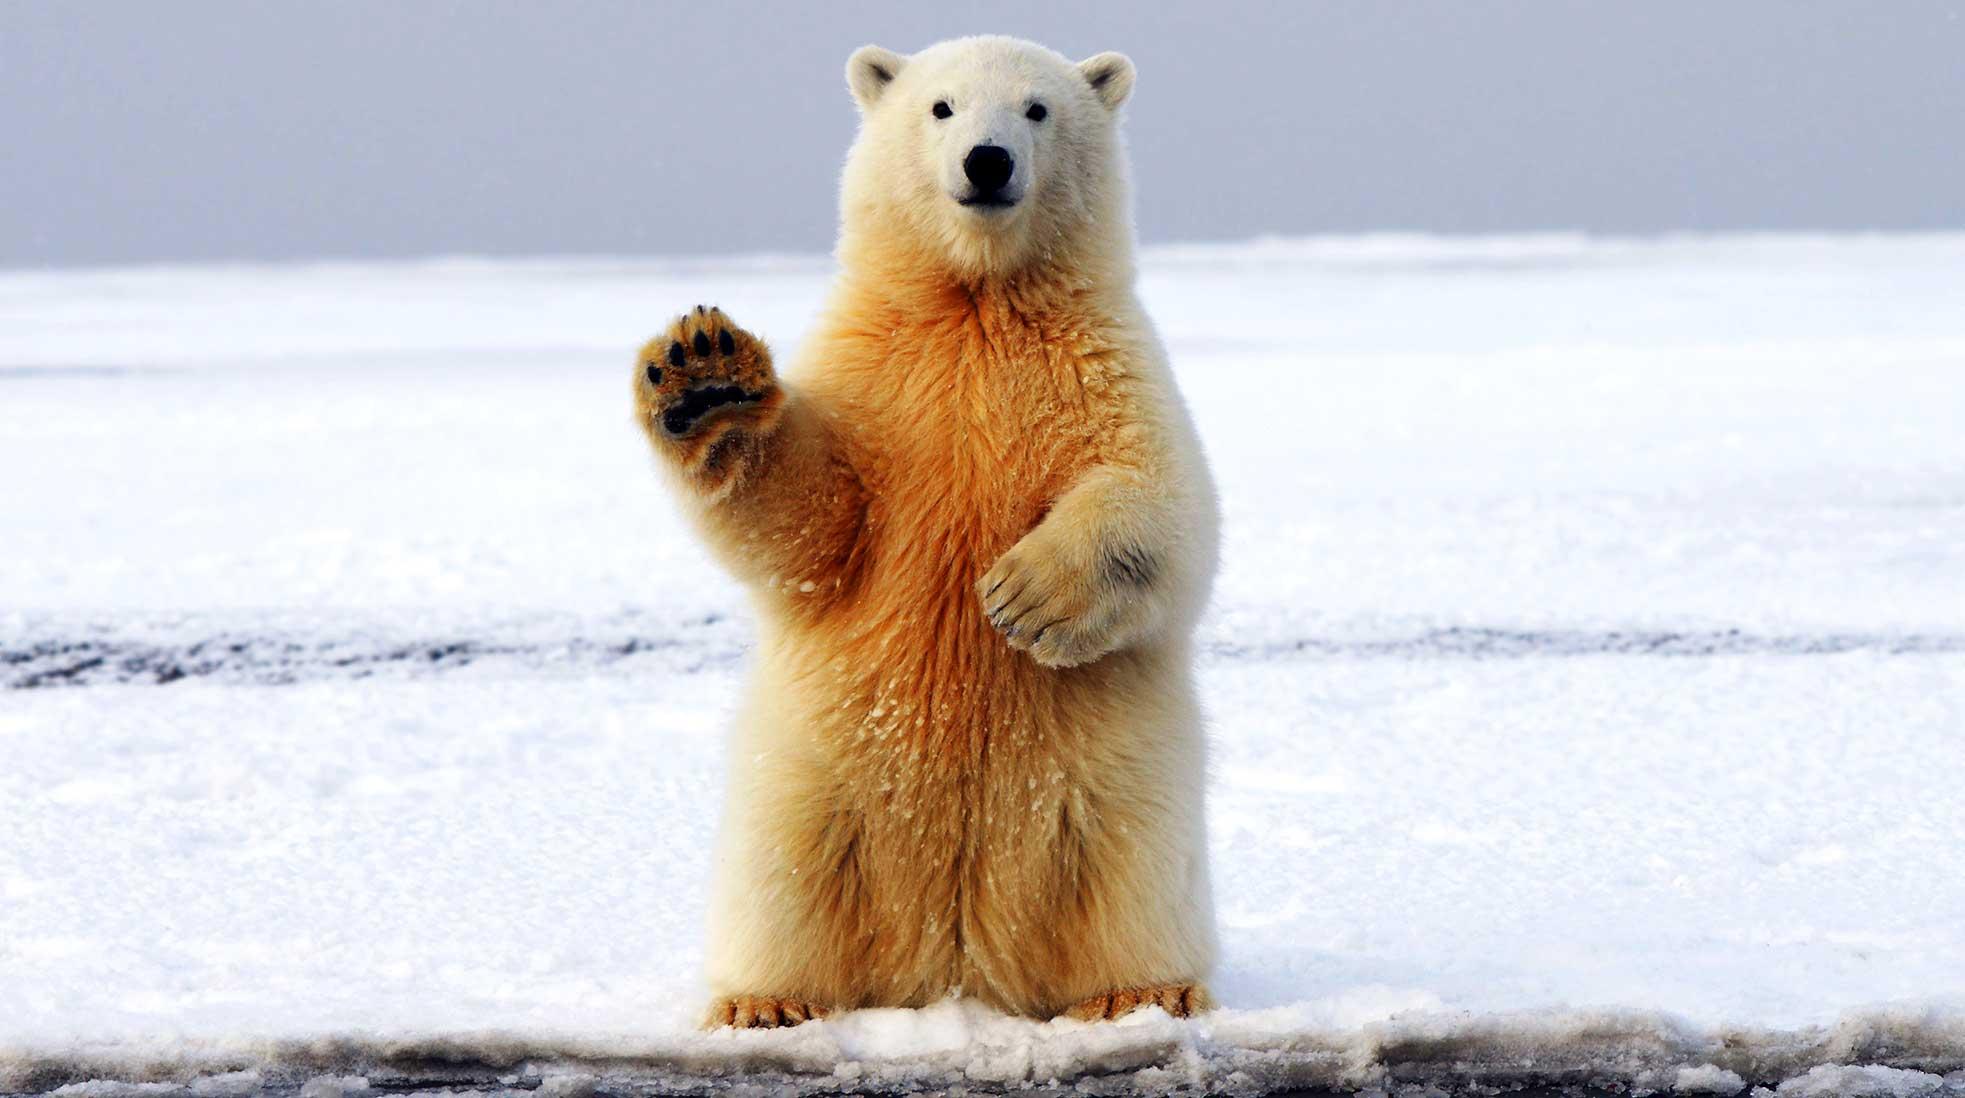 En isbjörn säger hej. Foto: Hans-Jurgen Mager / Unsplash